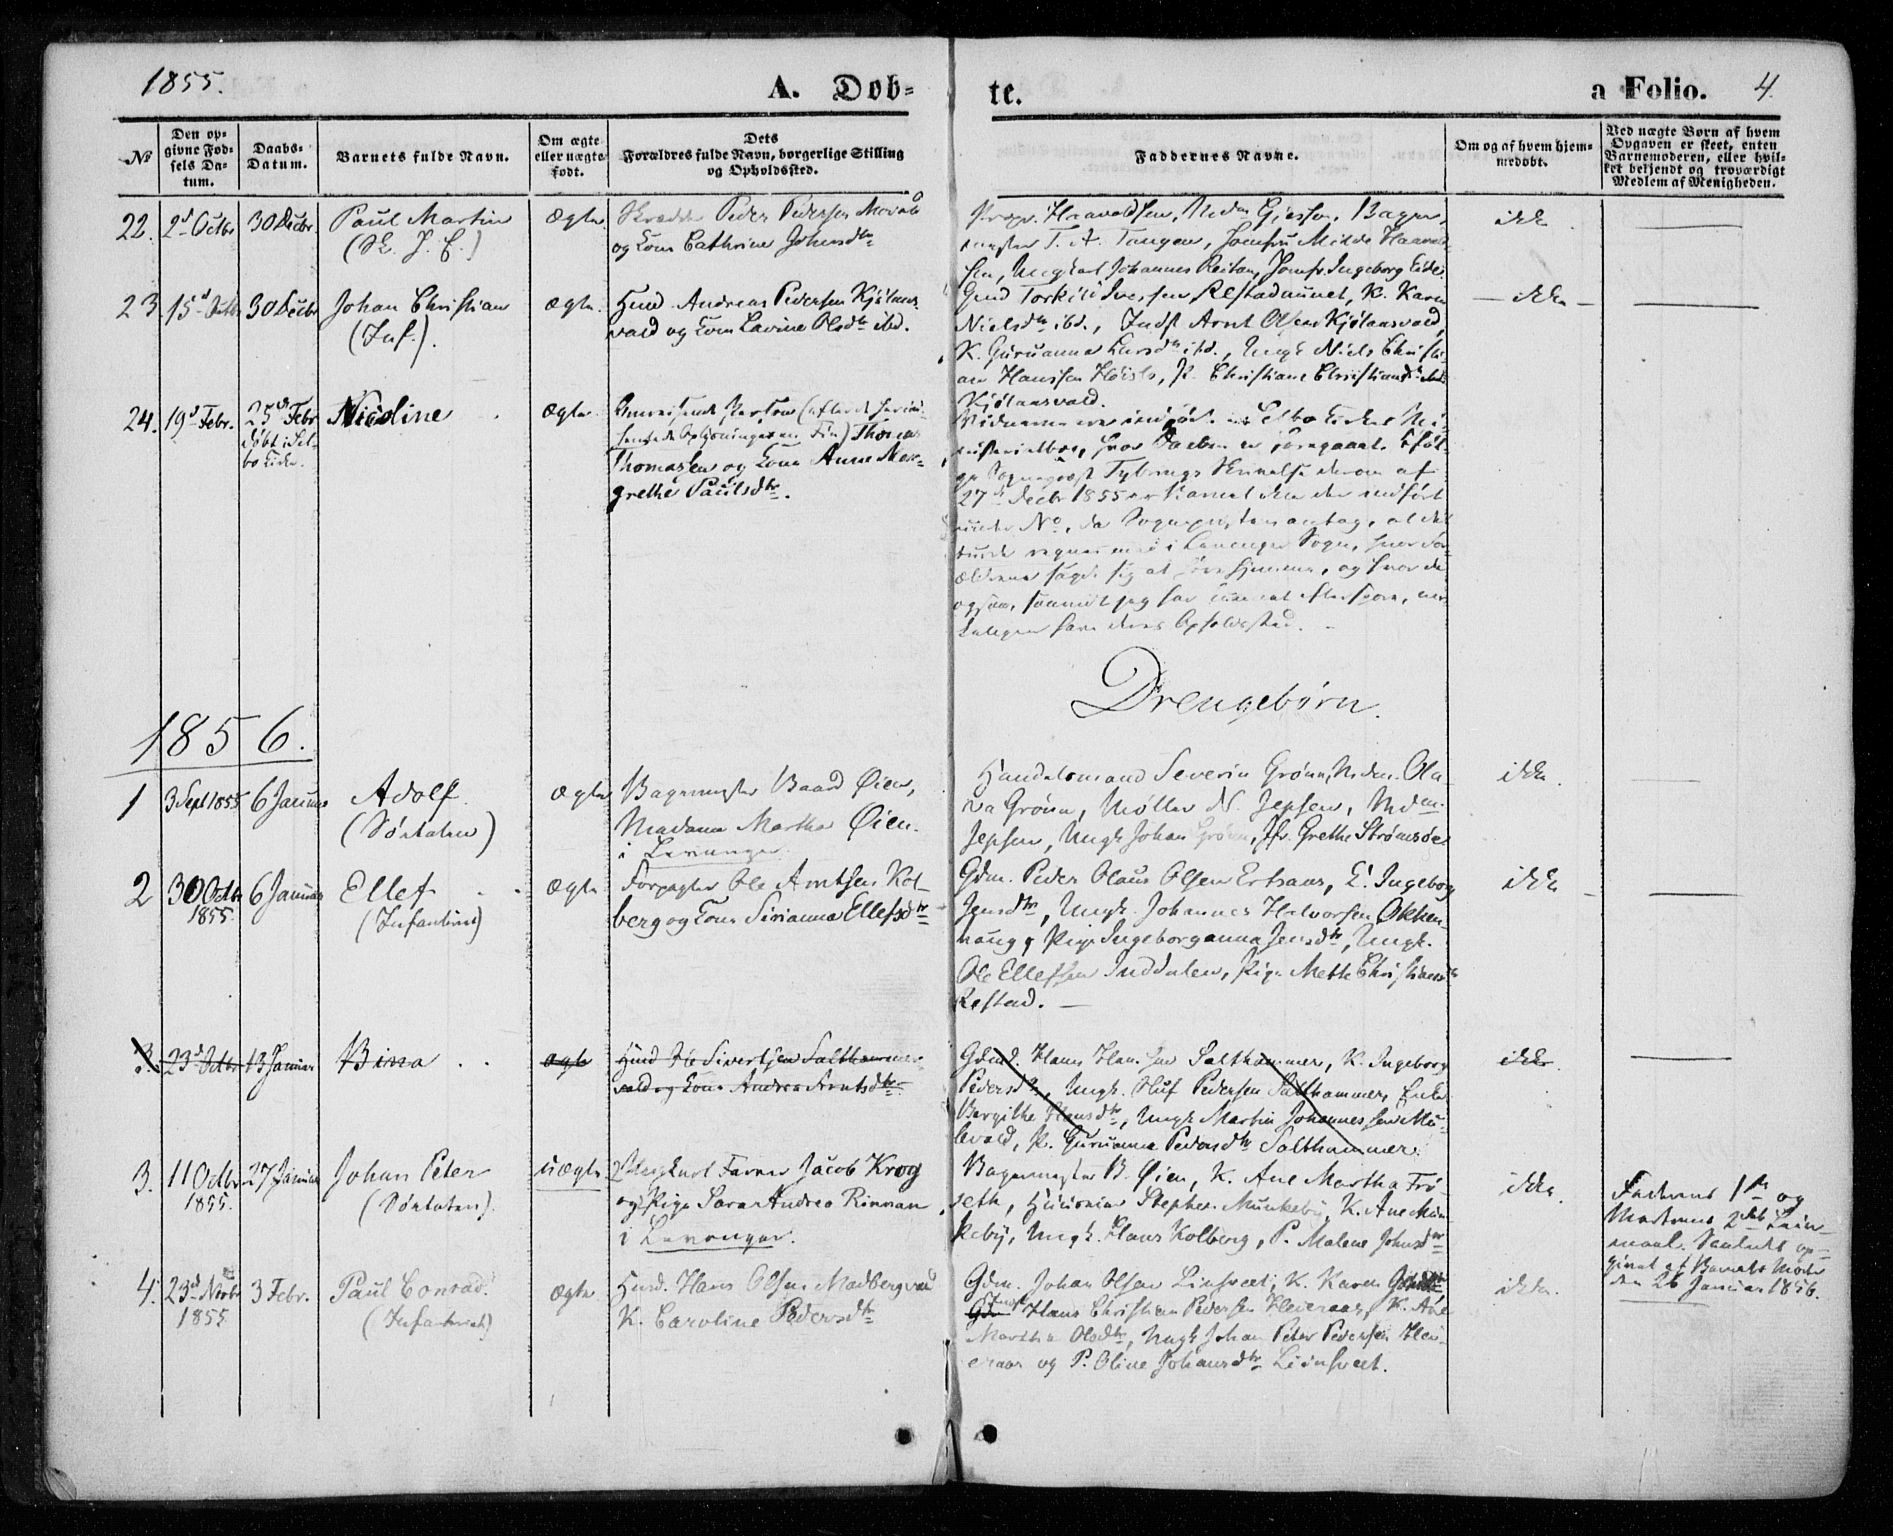 SAT, Ministerialprotokoller, klokkerbøker og fødselsregistre - Nord-Trøndelag, 720/L0184: Ministerialbok nr. 720A02 /2, 1855-1863, s. 4